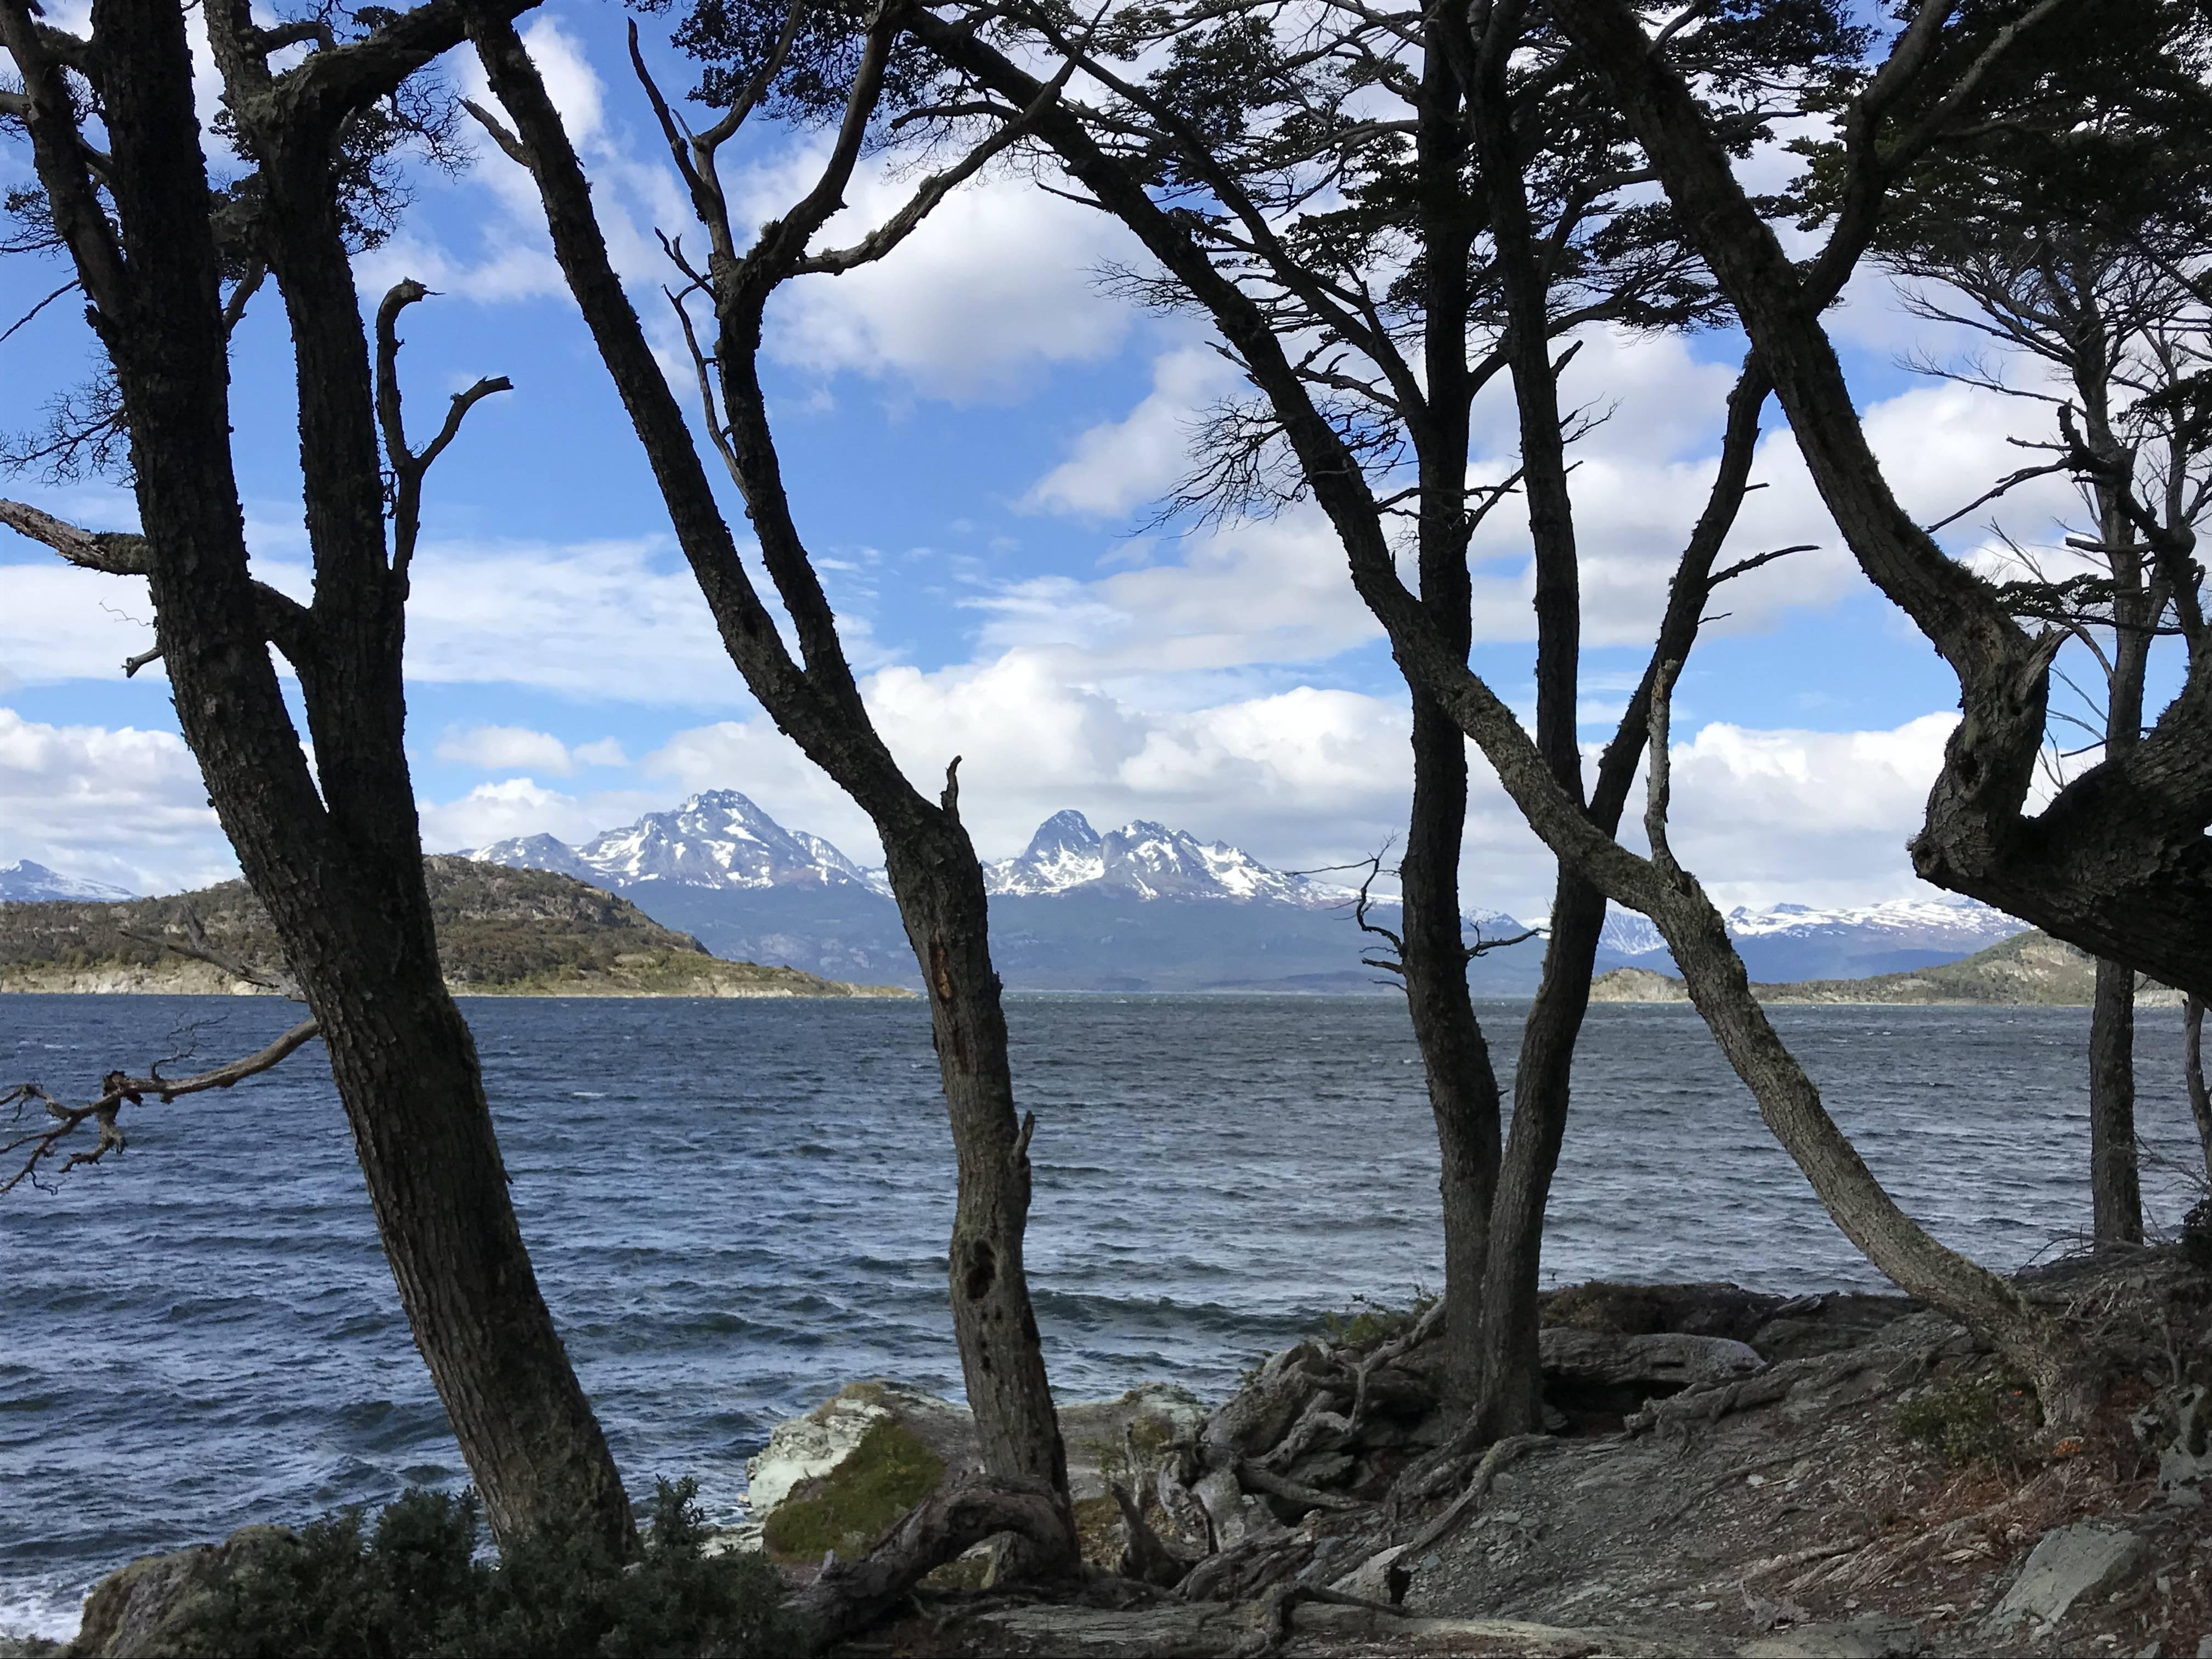 Photo 2: Le parc de la Terre de feu à Ushuaïa